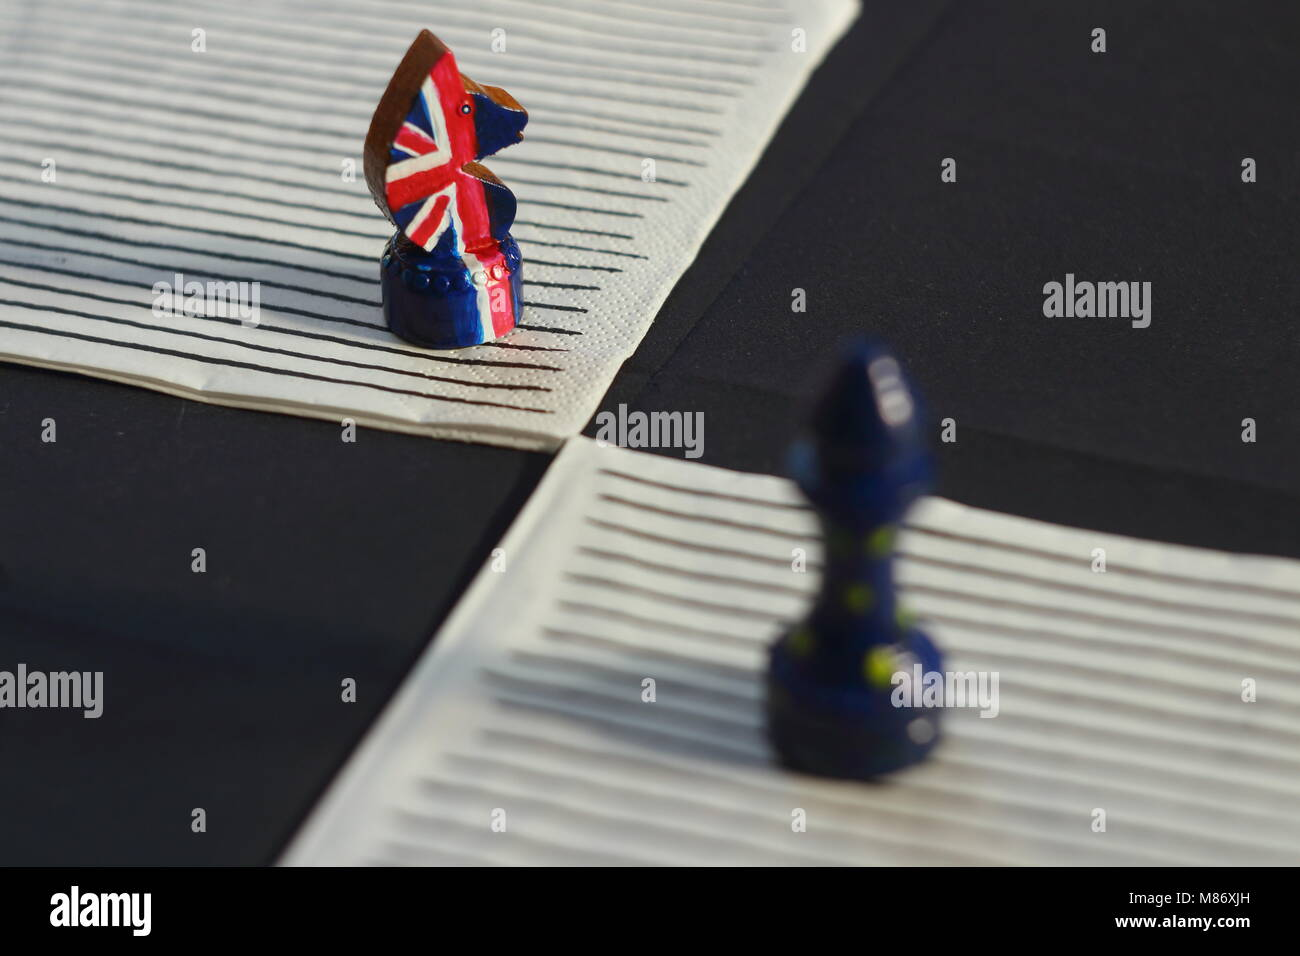 Schach spiel Konfrontation der Vereinigten Europa und Großbritannien Stockbild